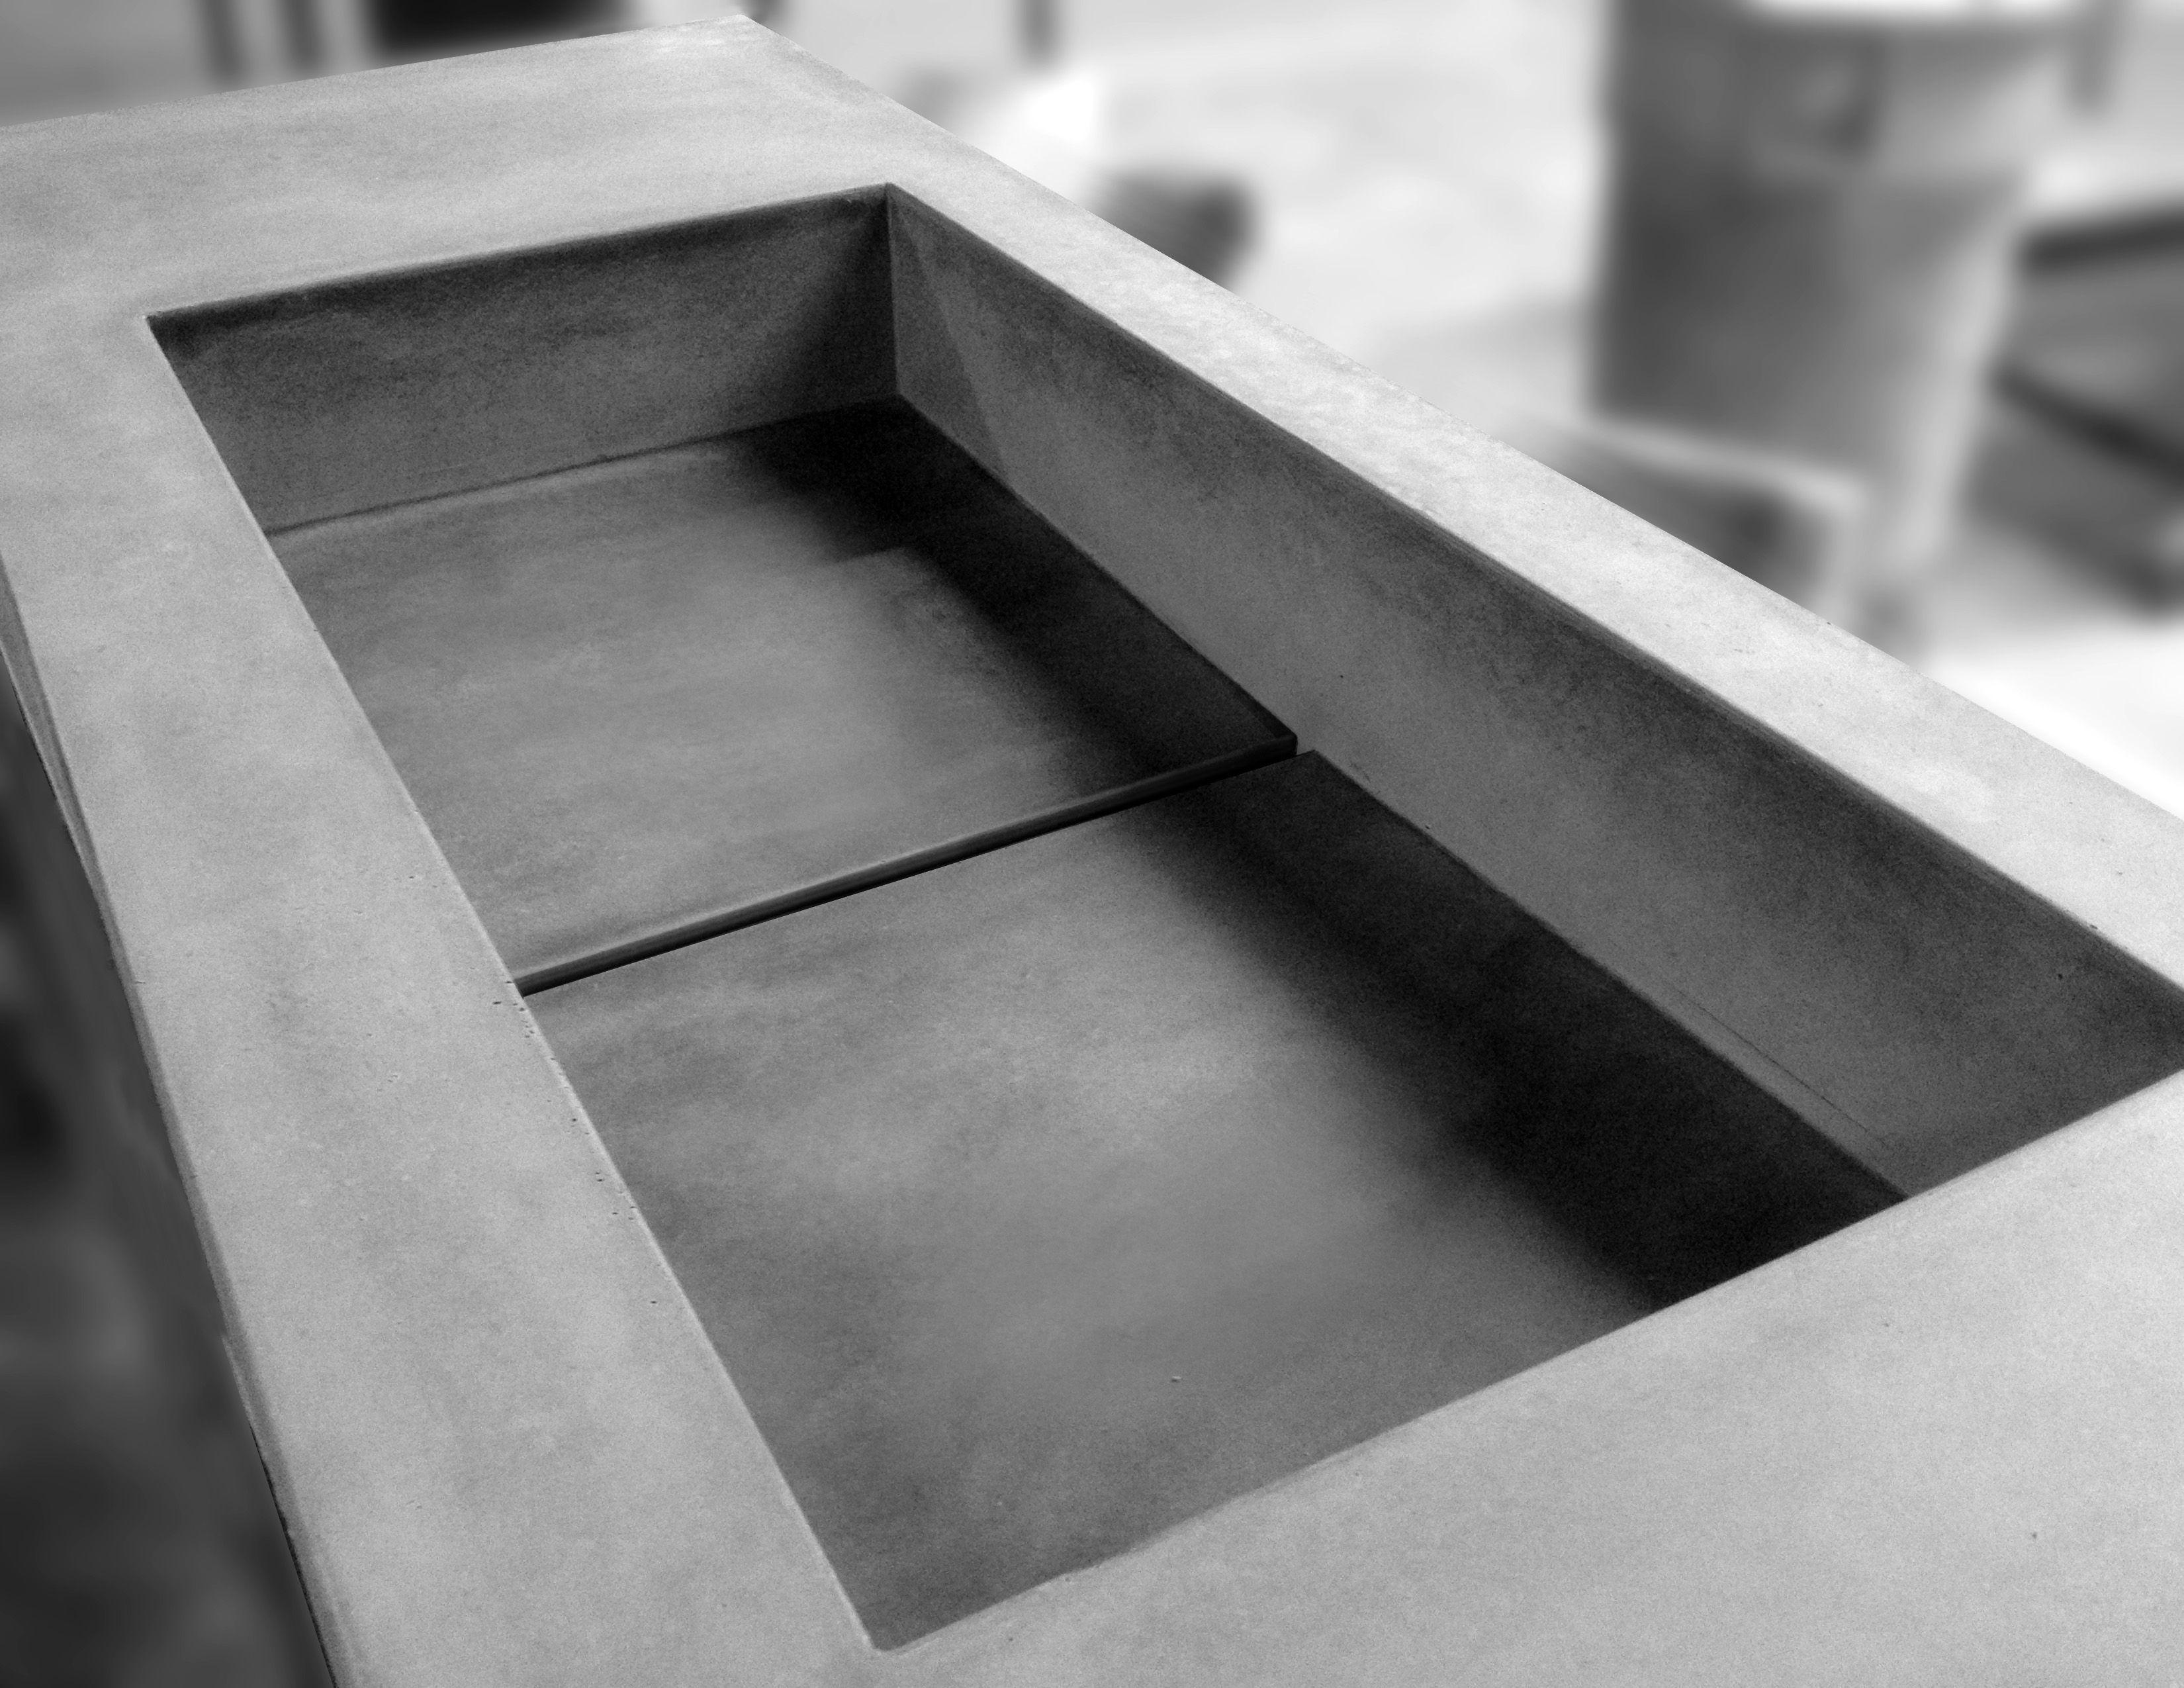 Umywalka Z Odpływem Liniowym Wykonana Z Ultralekkiego Betonu